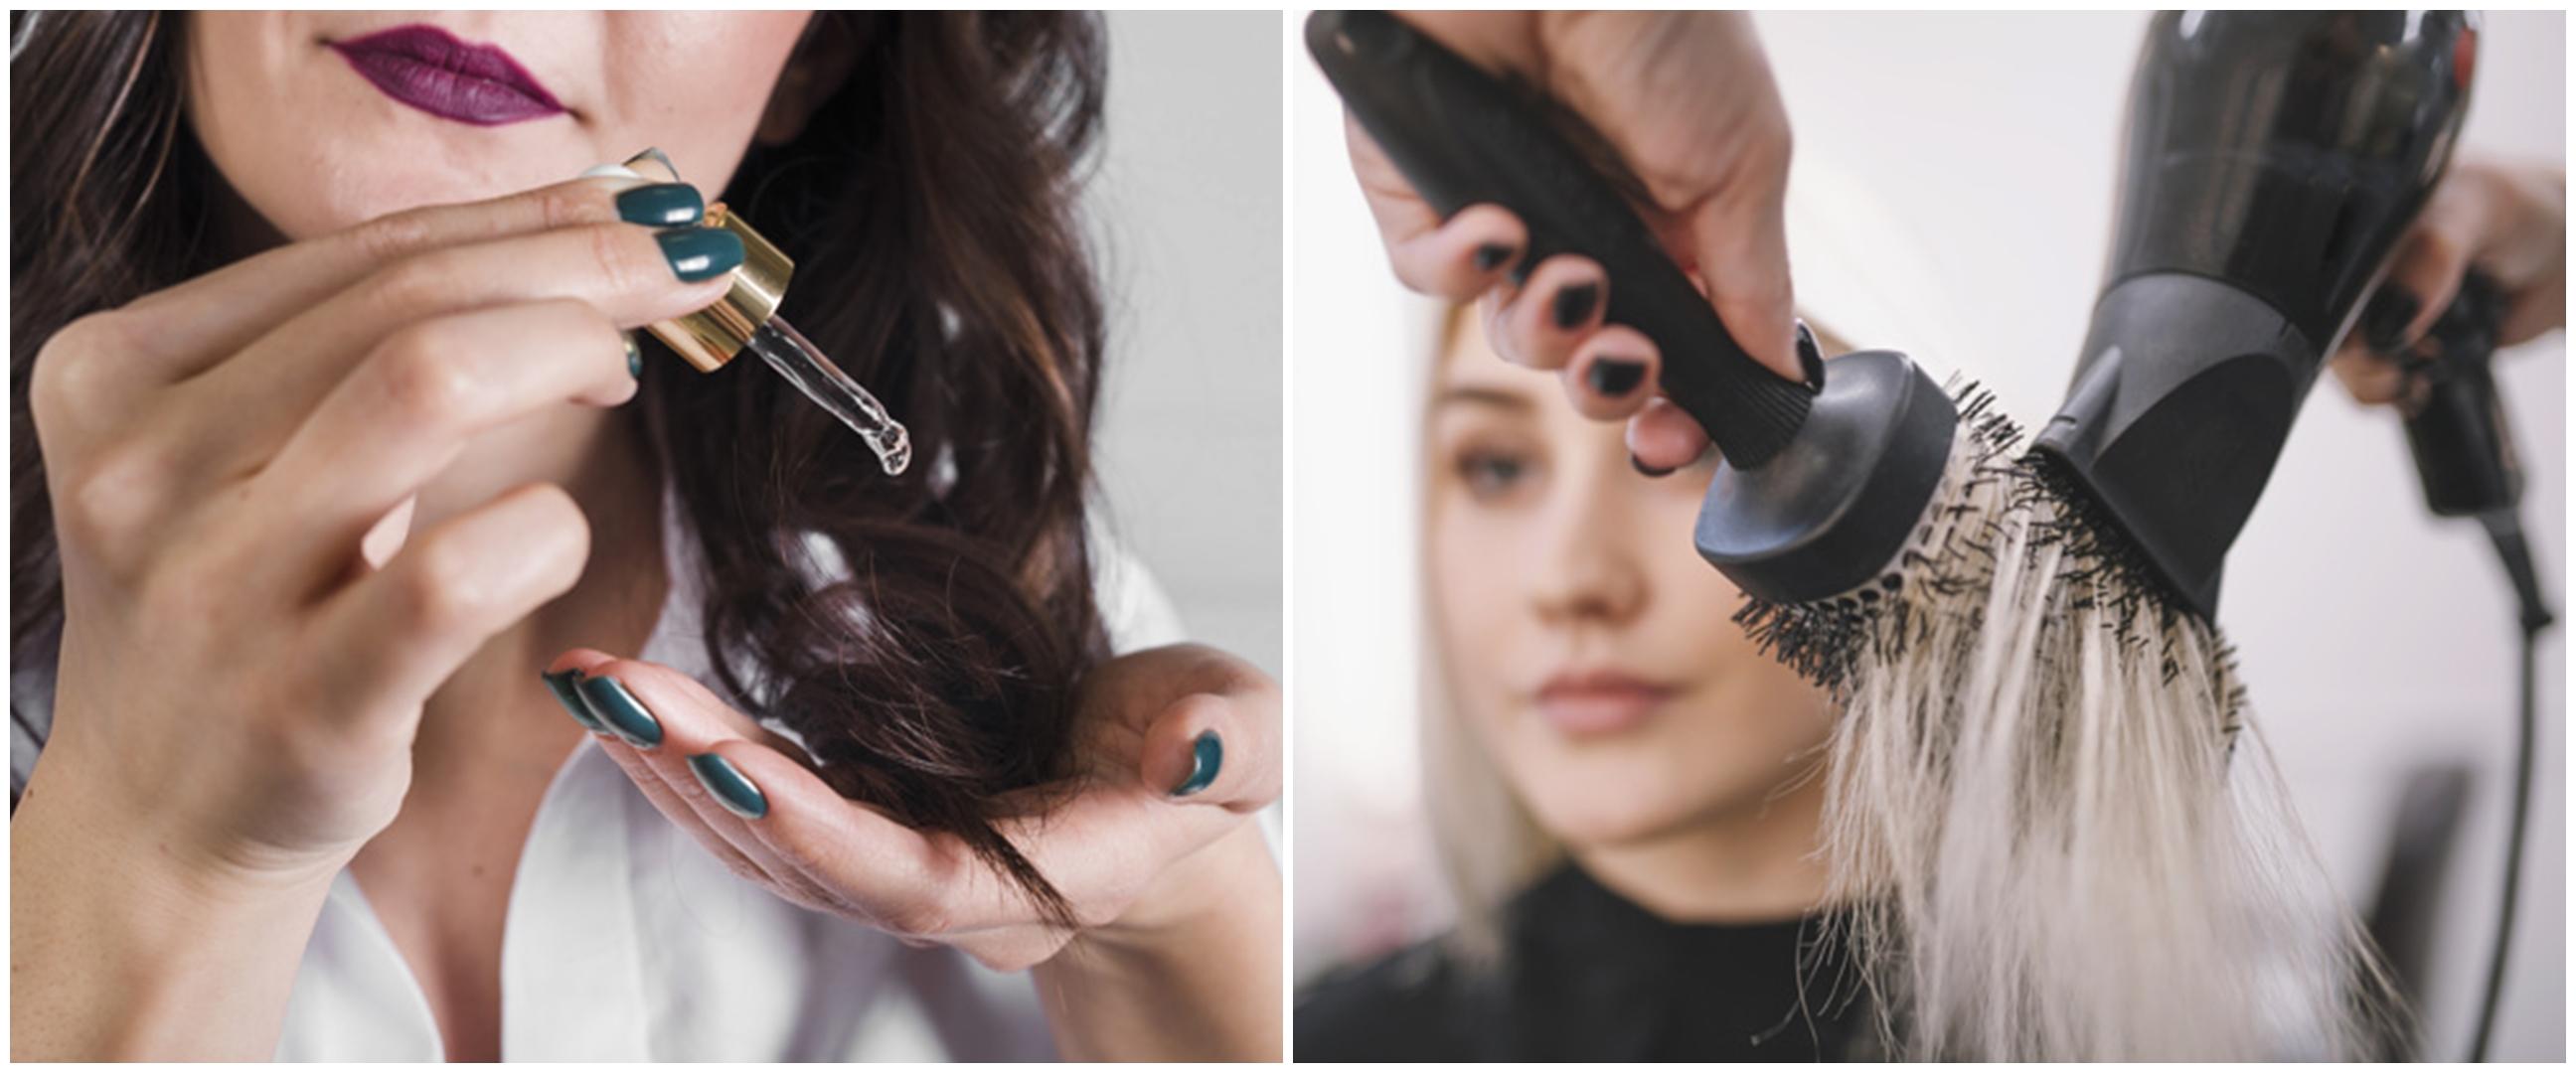 12 Cara merawat rambut agar tetap sehat di rumah, simpel dan antiboros